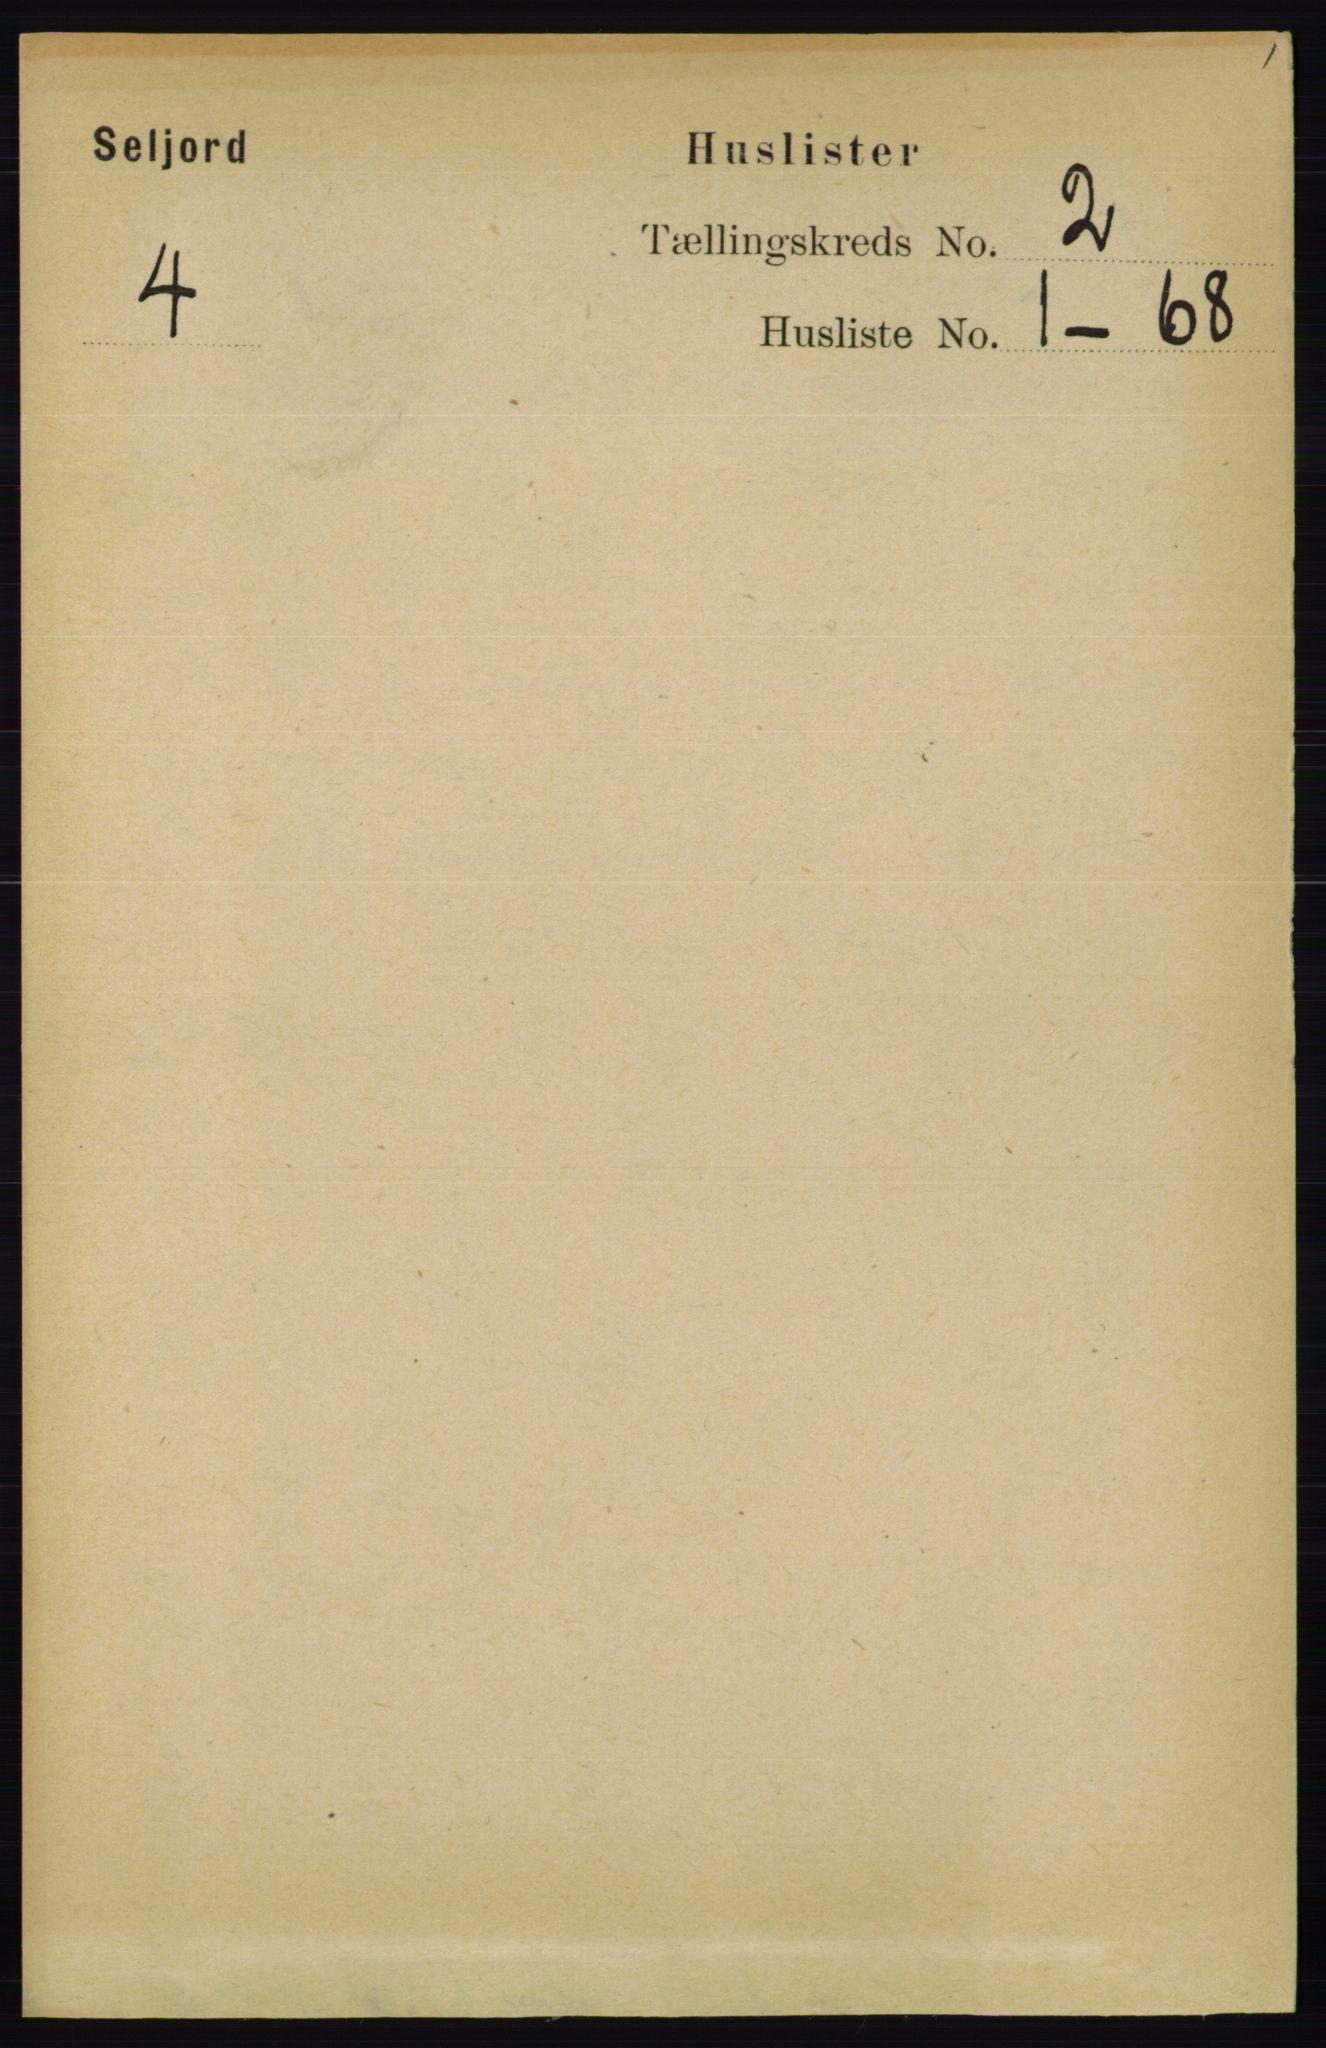 RA, Folketelling 1891 for 0828 Seljord herred, 1891, s. 497